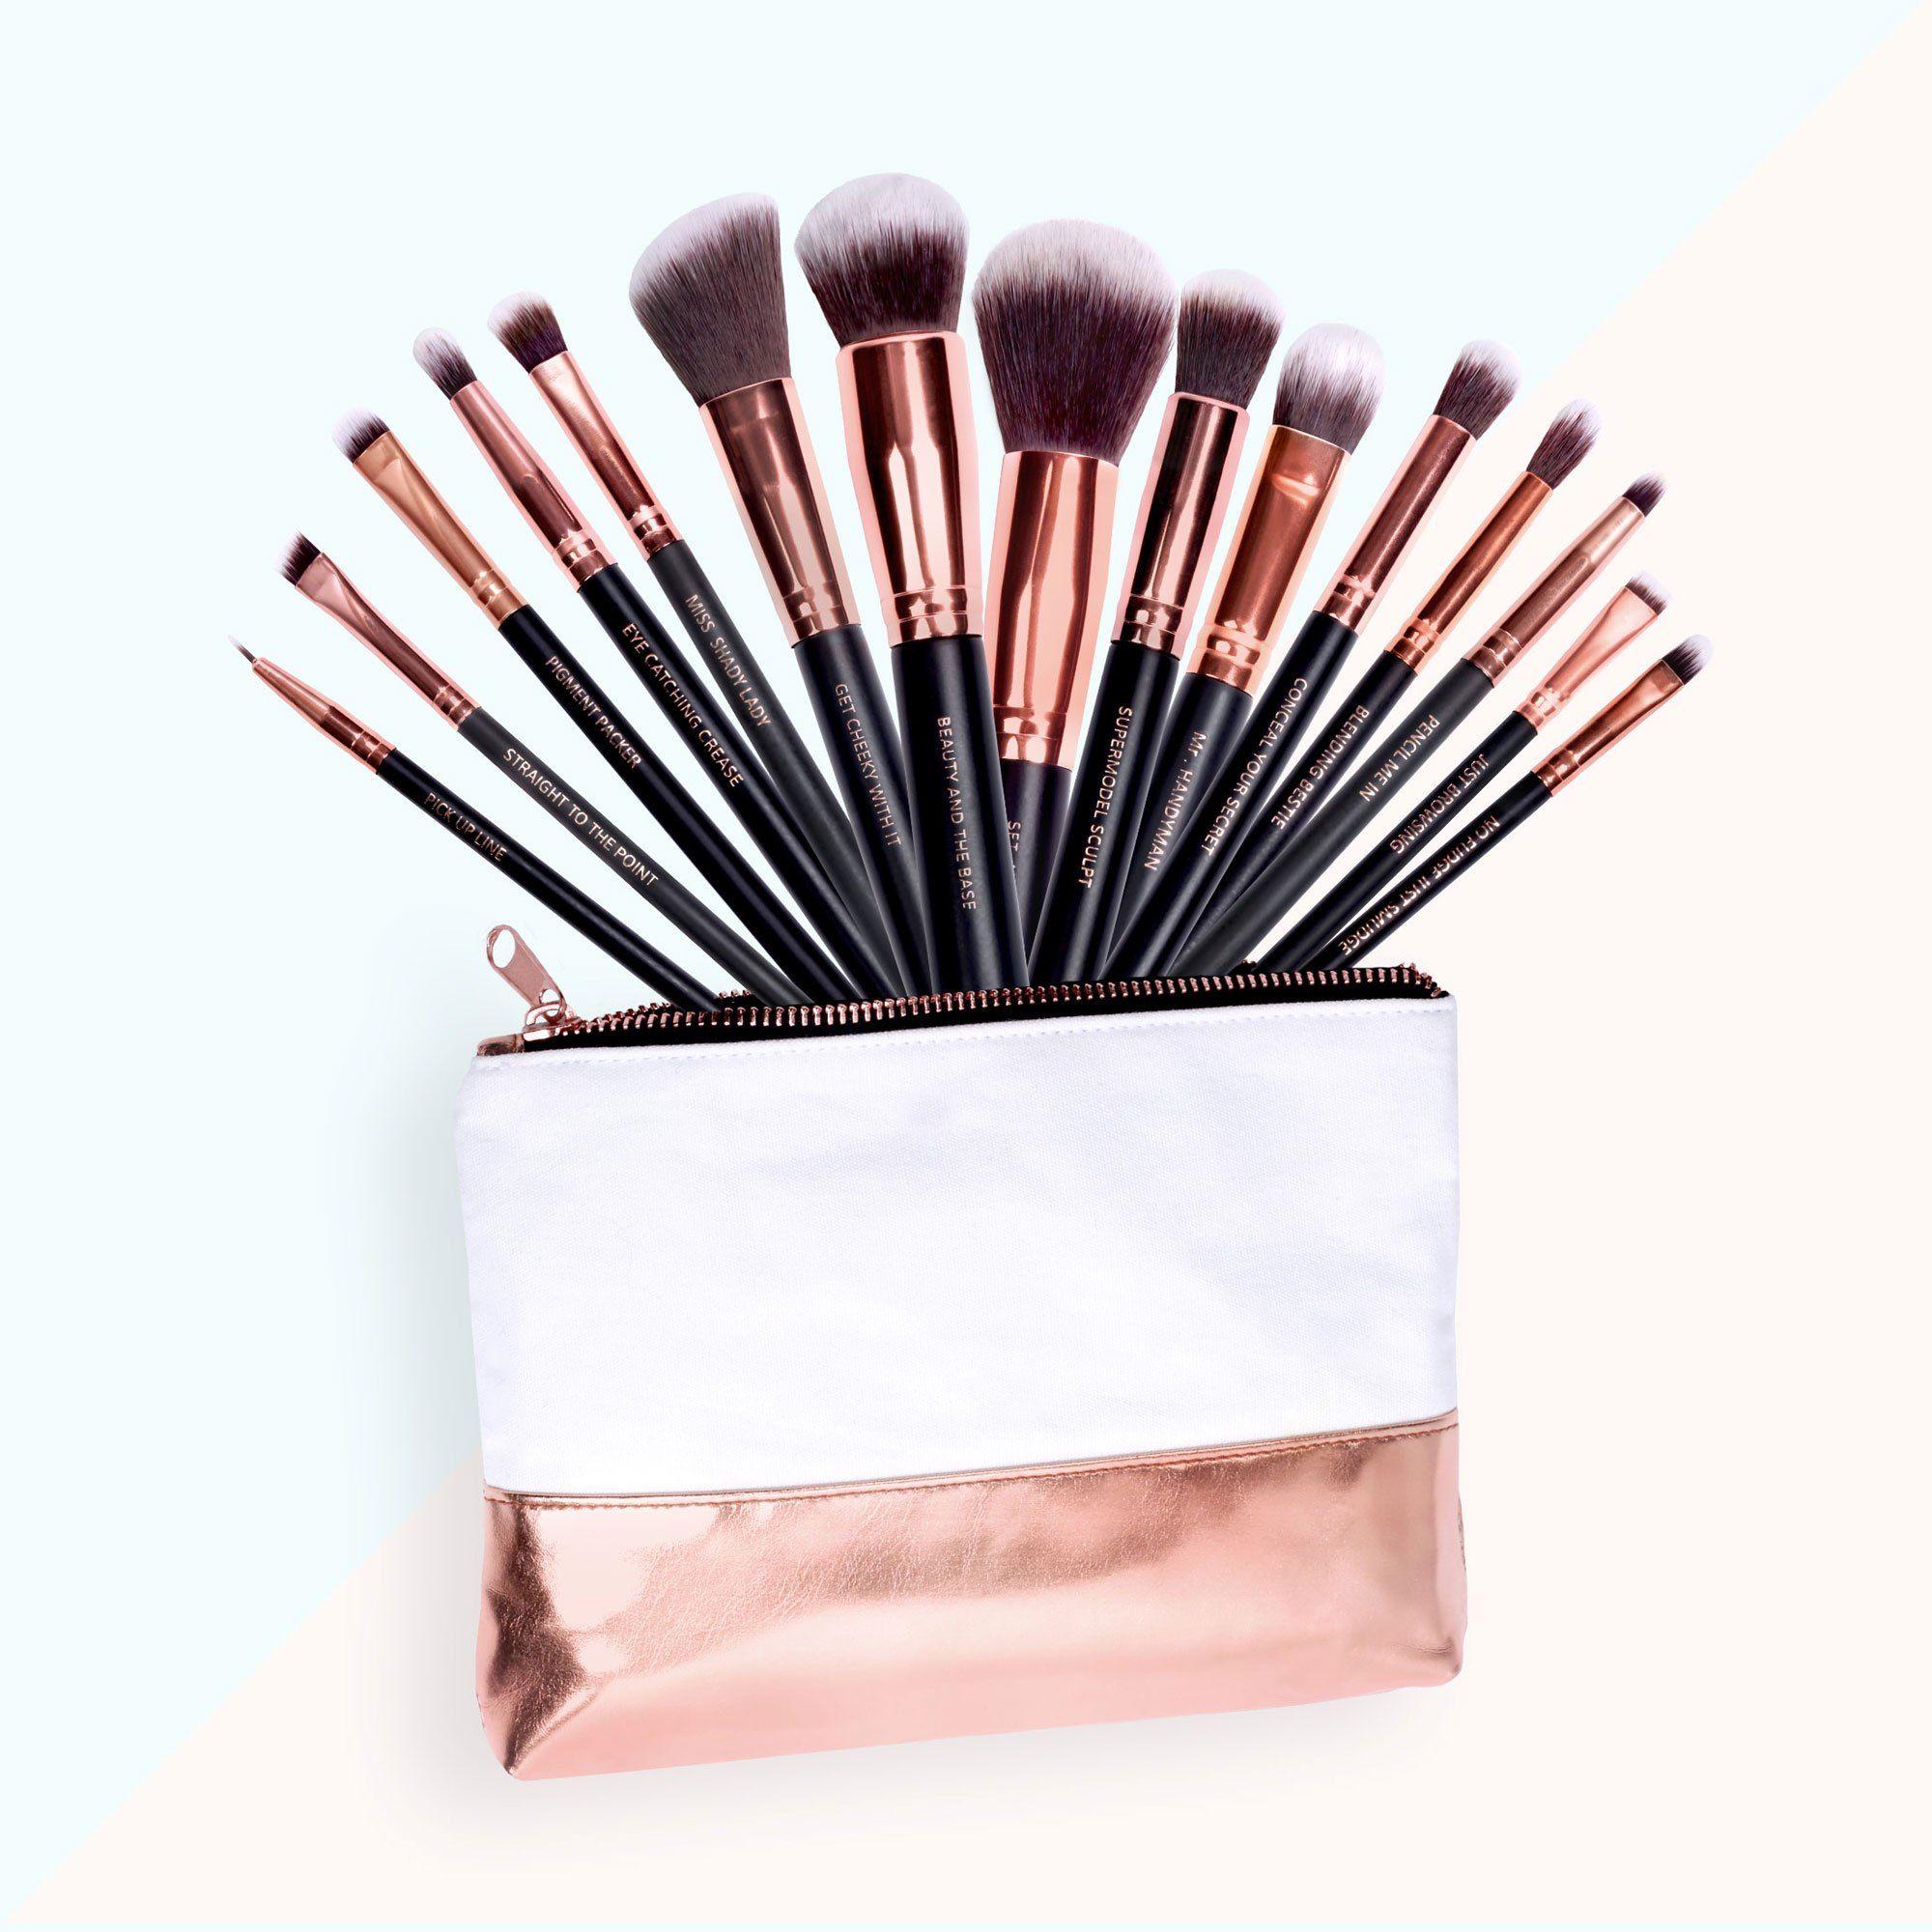 Lux Vegan Makeup Brush Set (With images) Vegan makeup